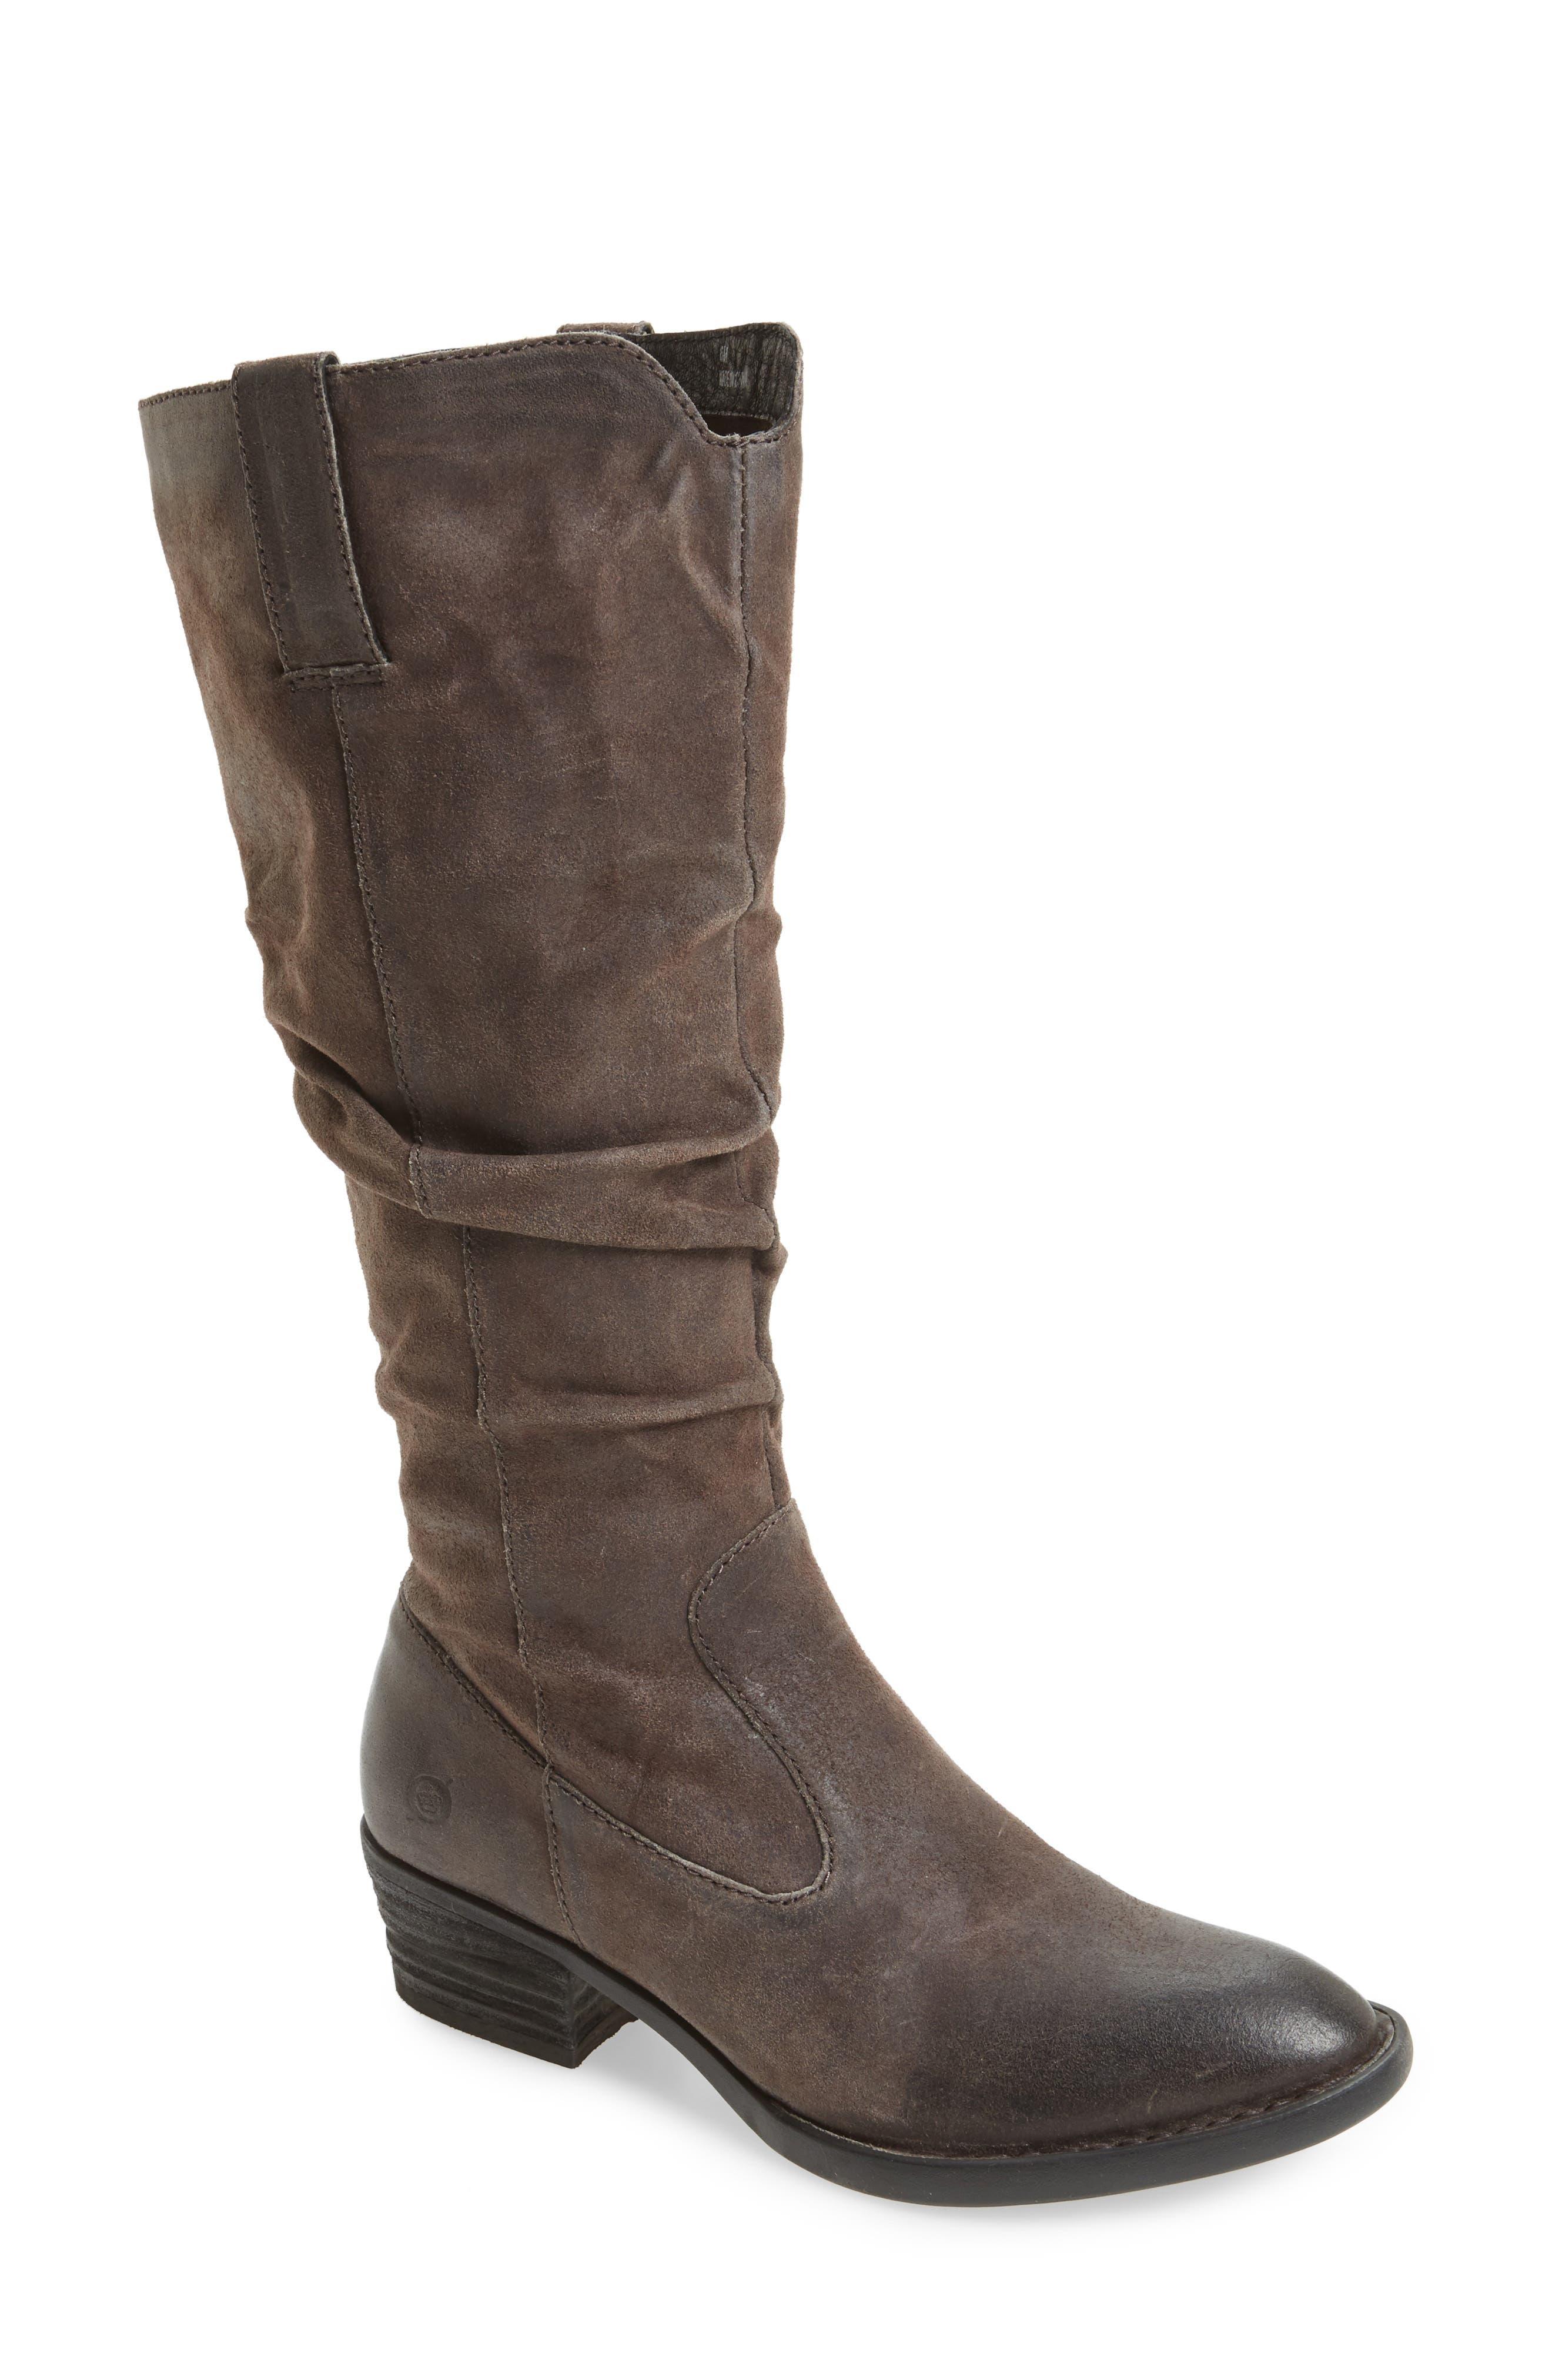 Børn Barren Boot (Women)